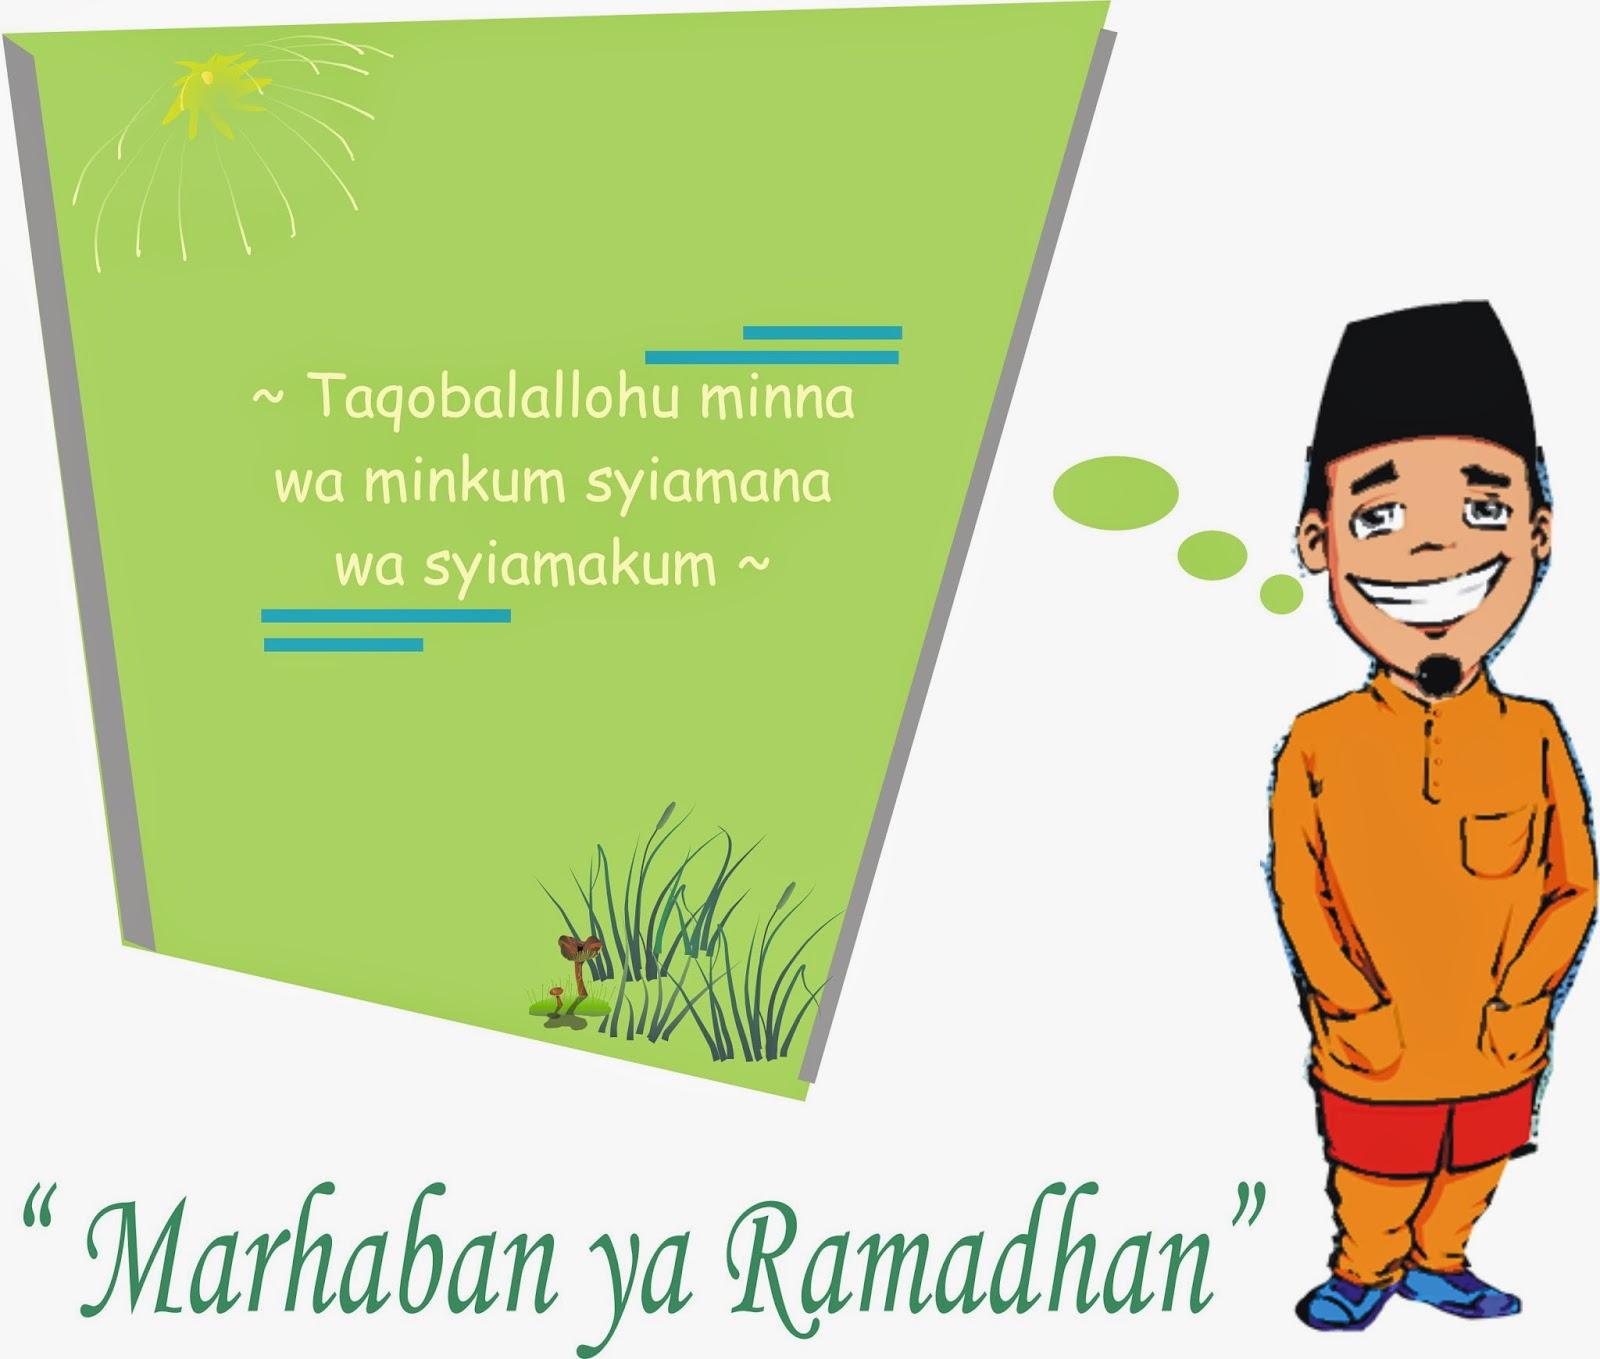 25 Ucapan Marhaban Ya Ramadhan Ideas Kata Mutiara Terbaru